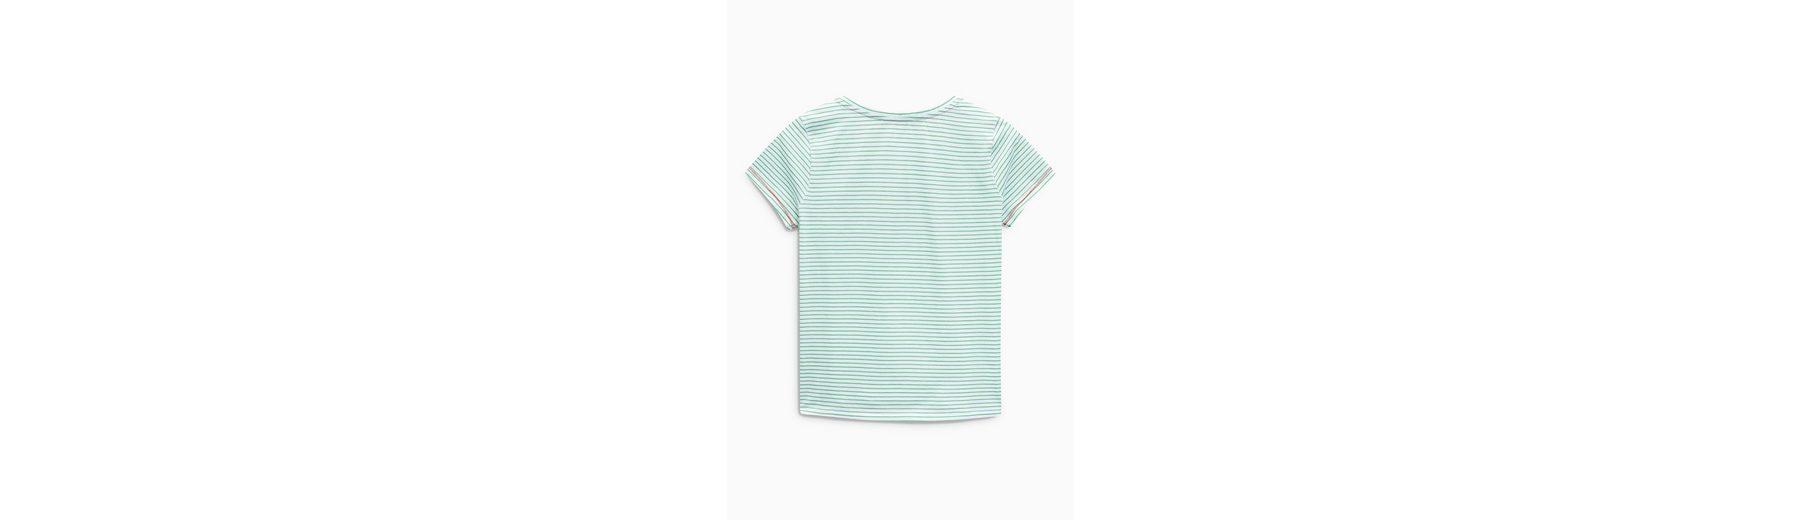 Next T-Shirt mit Print Auslass Besuch Neu E5uPBdx